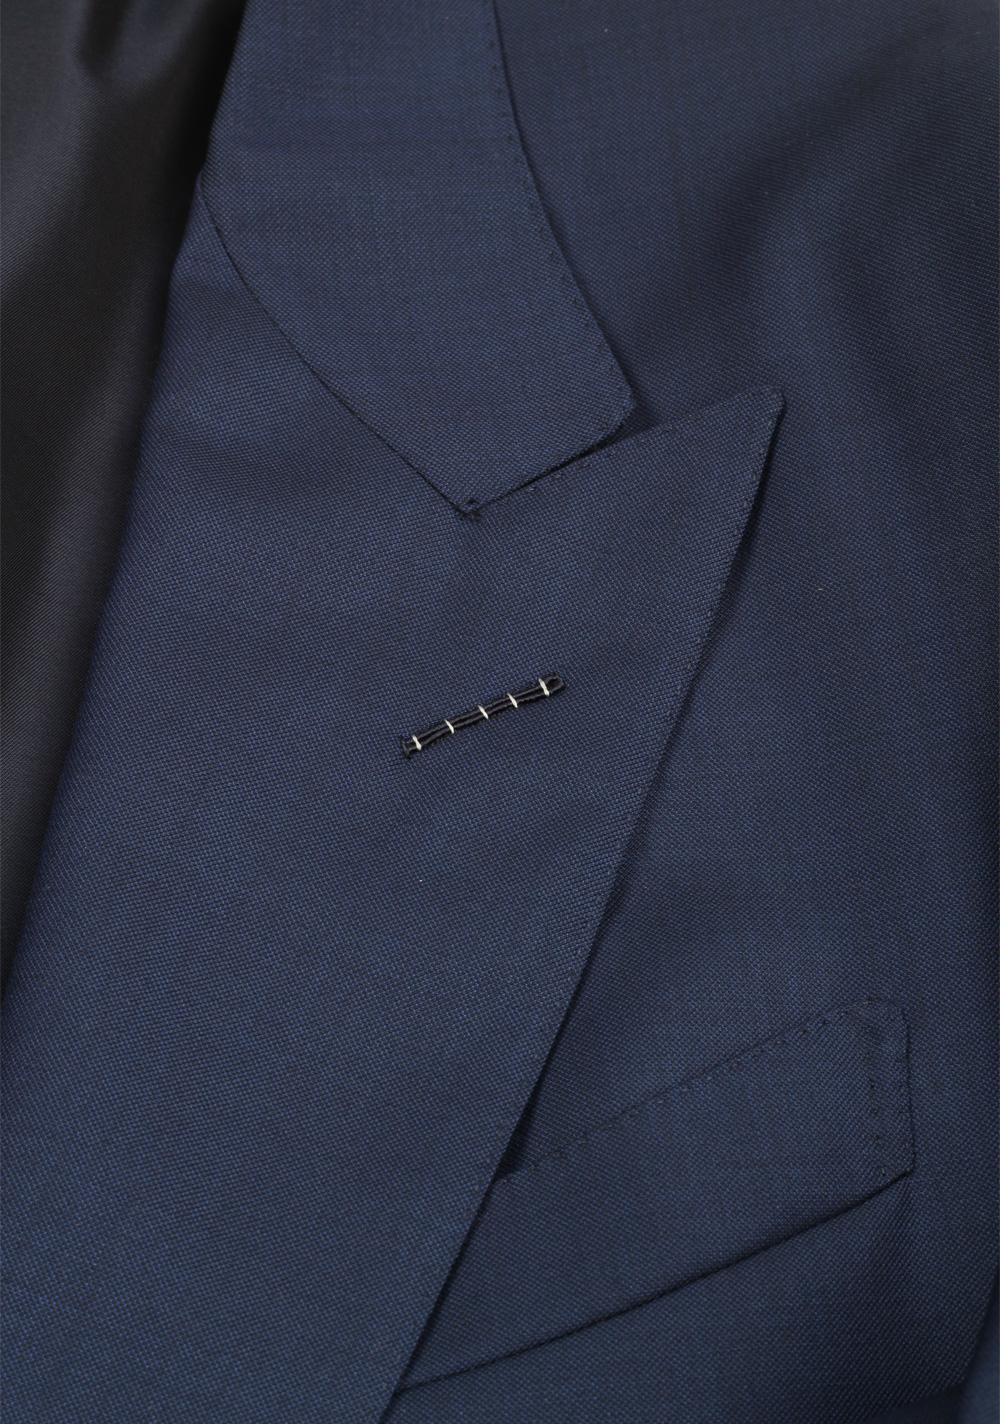 TOM FORD Shelton Solid Blue Suit | Costume Limité